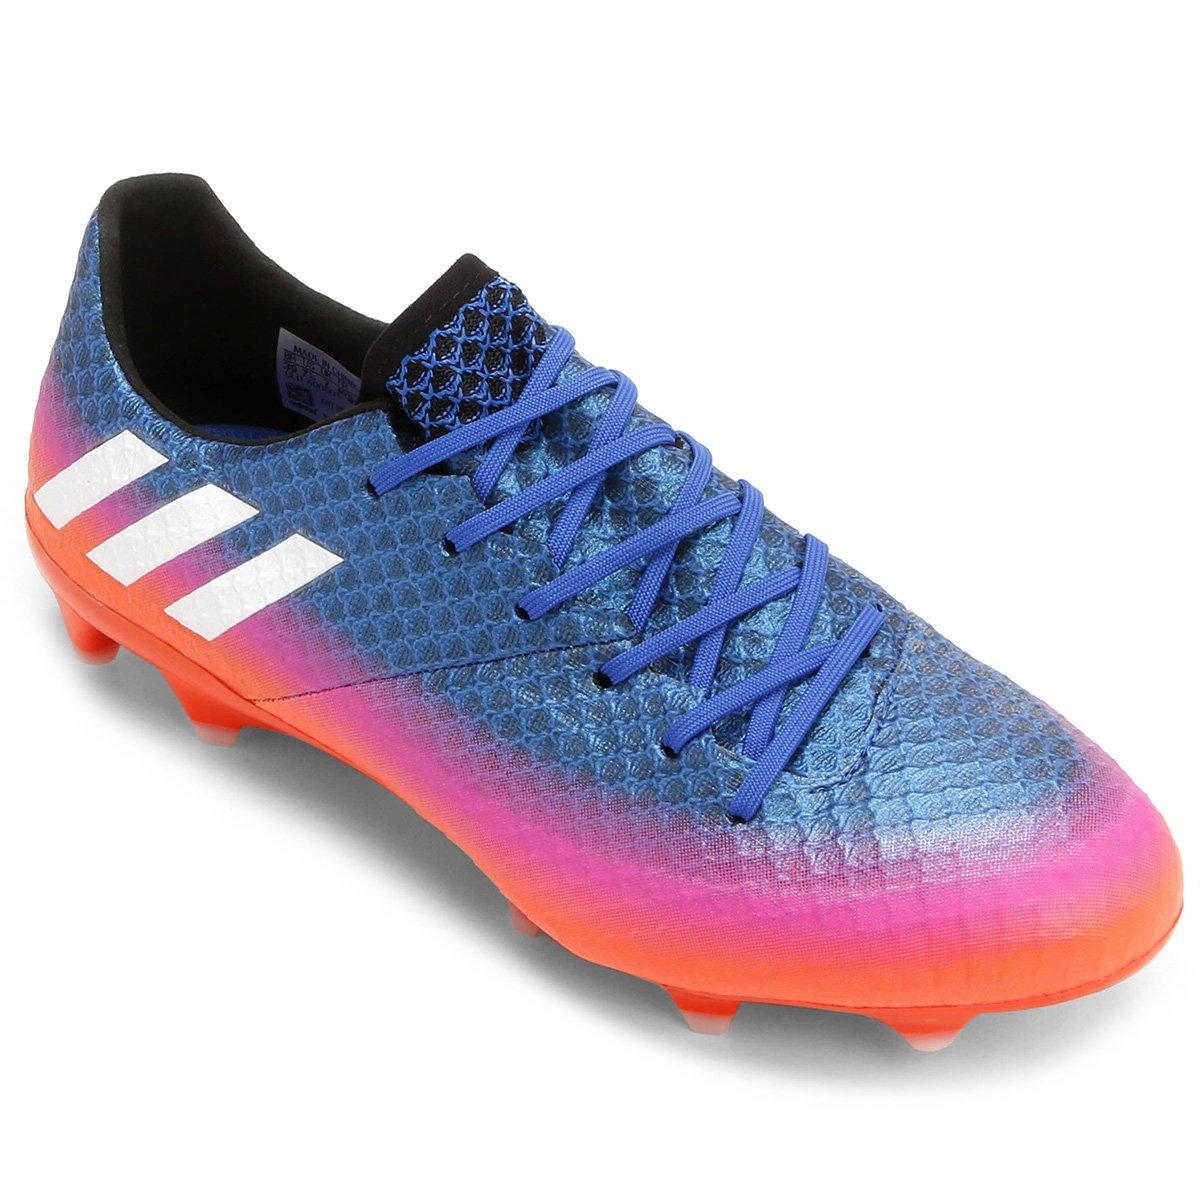 39%OFF Chuteira Campo Adidas Messi 16.1 FG Masculina 631e272626c76